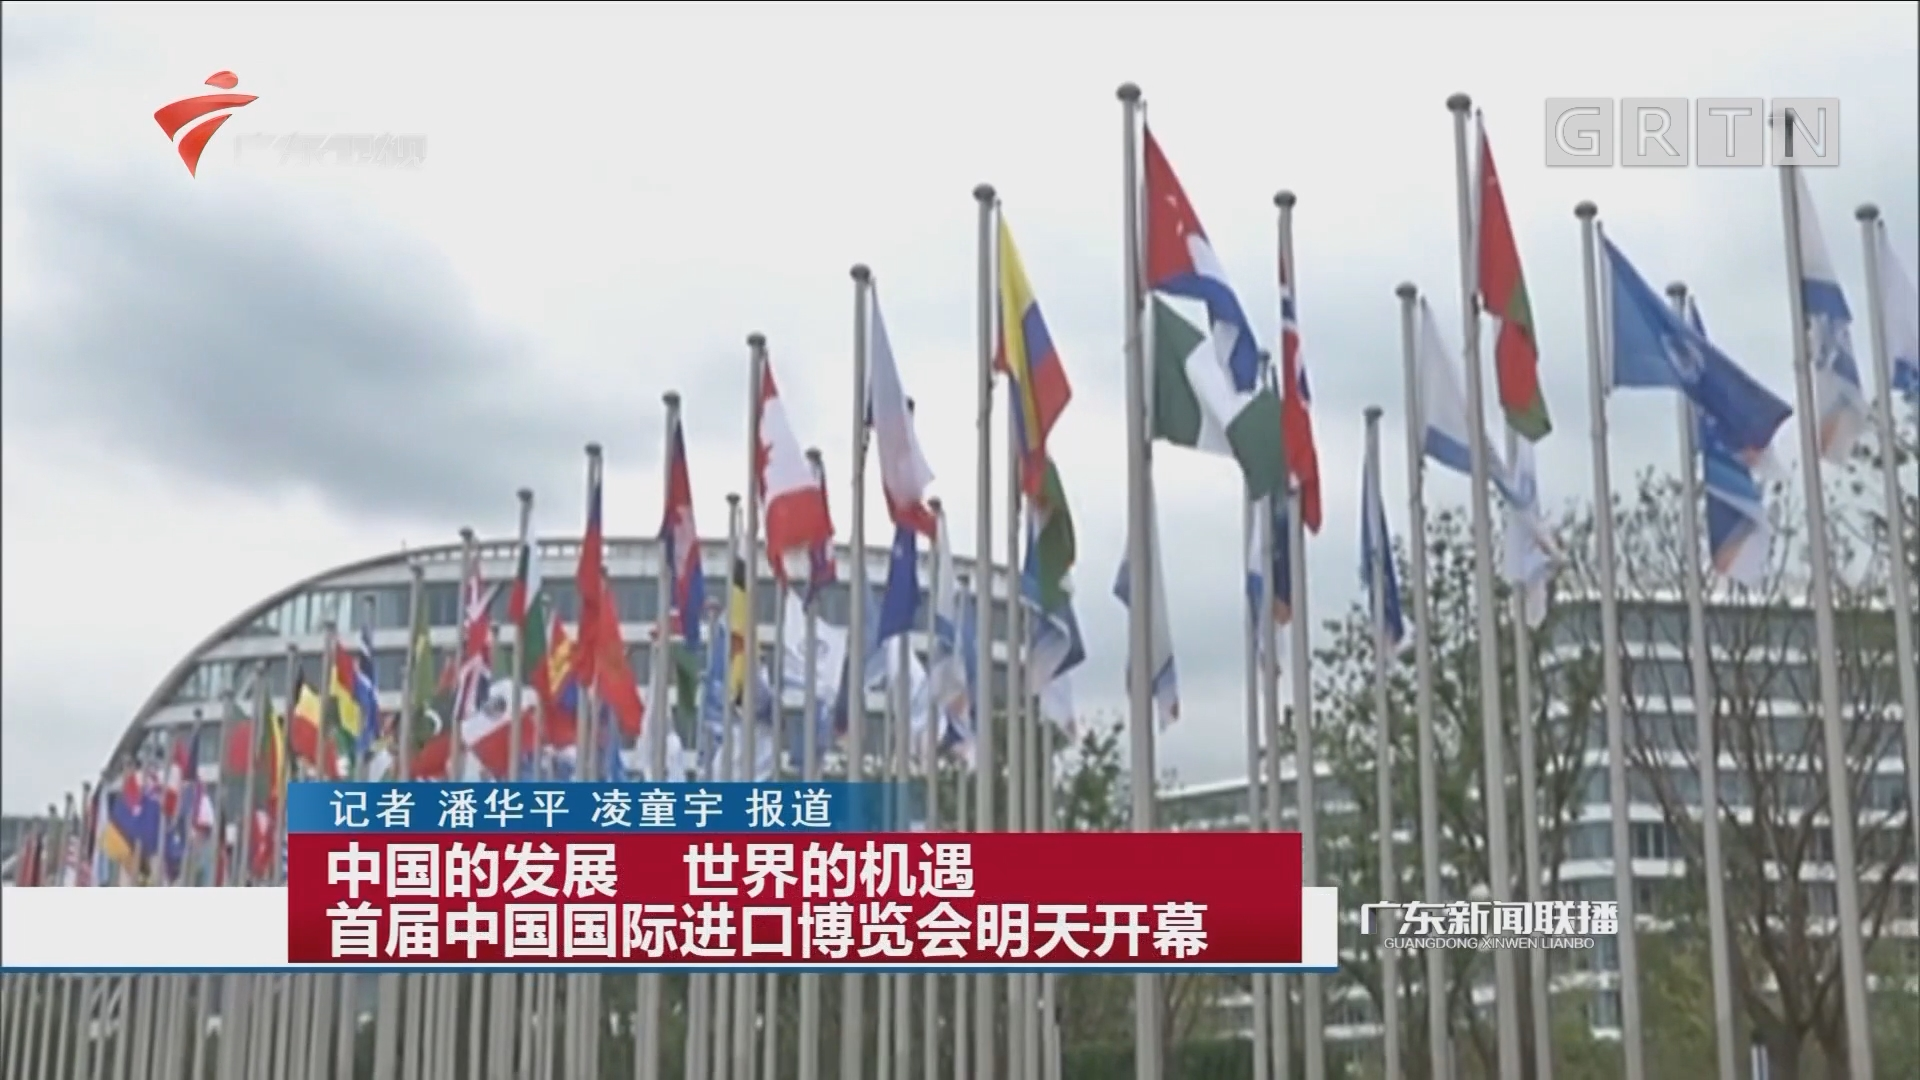 中国的发展 世界的机遇 首届中国国际进口博览会明天开幕